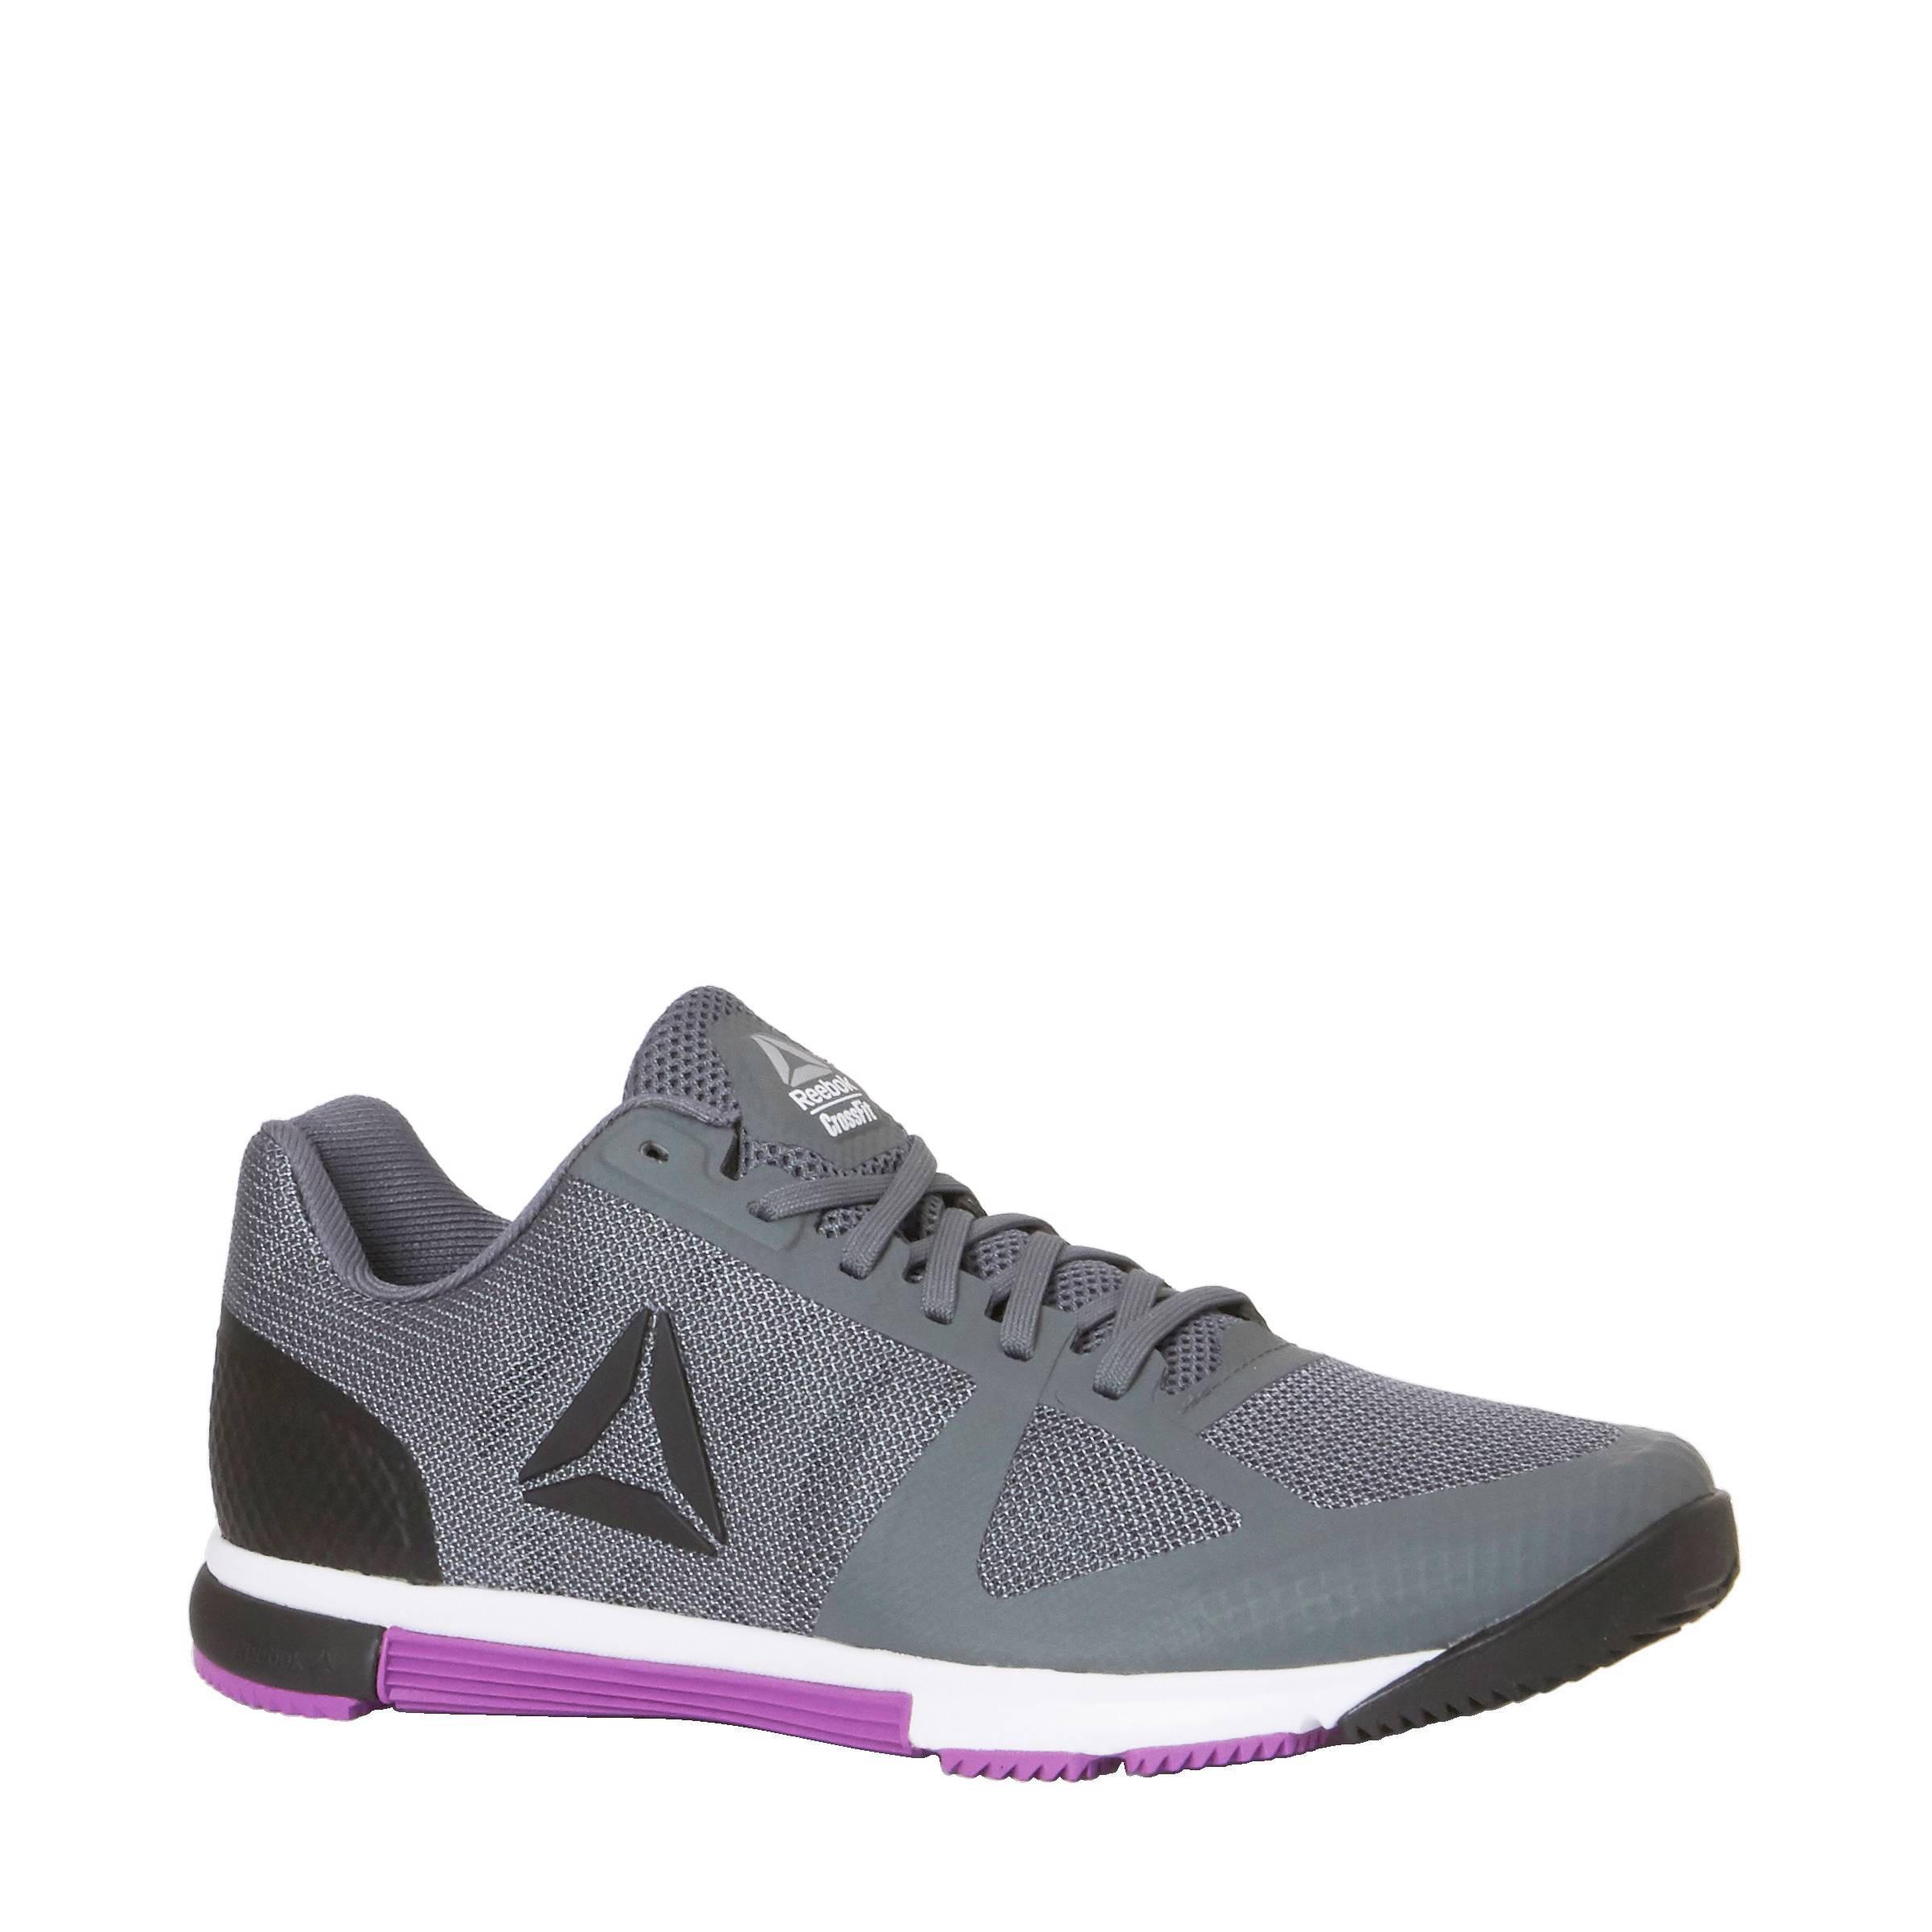 Reebok Crossfit Speed TR 2.0 fitness schoenen | wehkamp